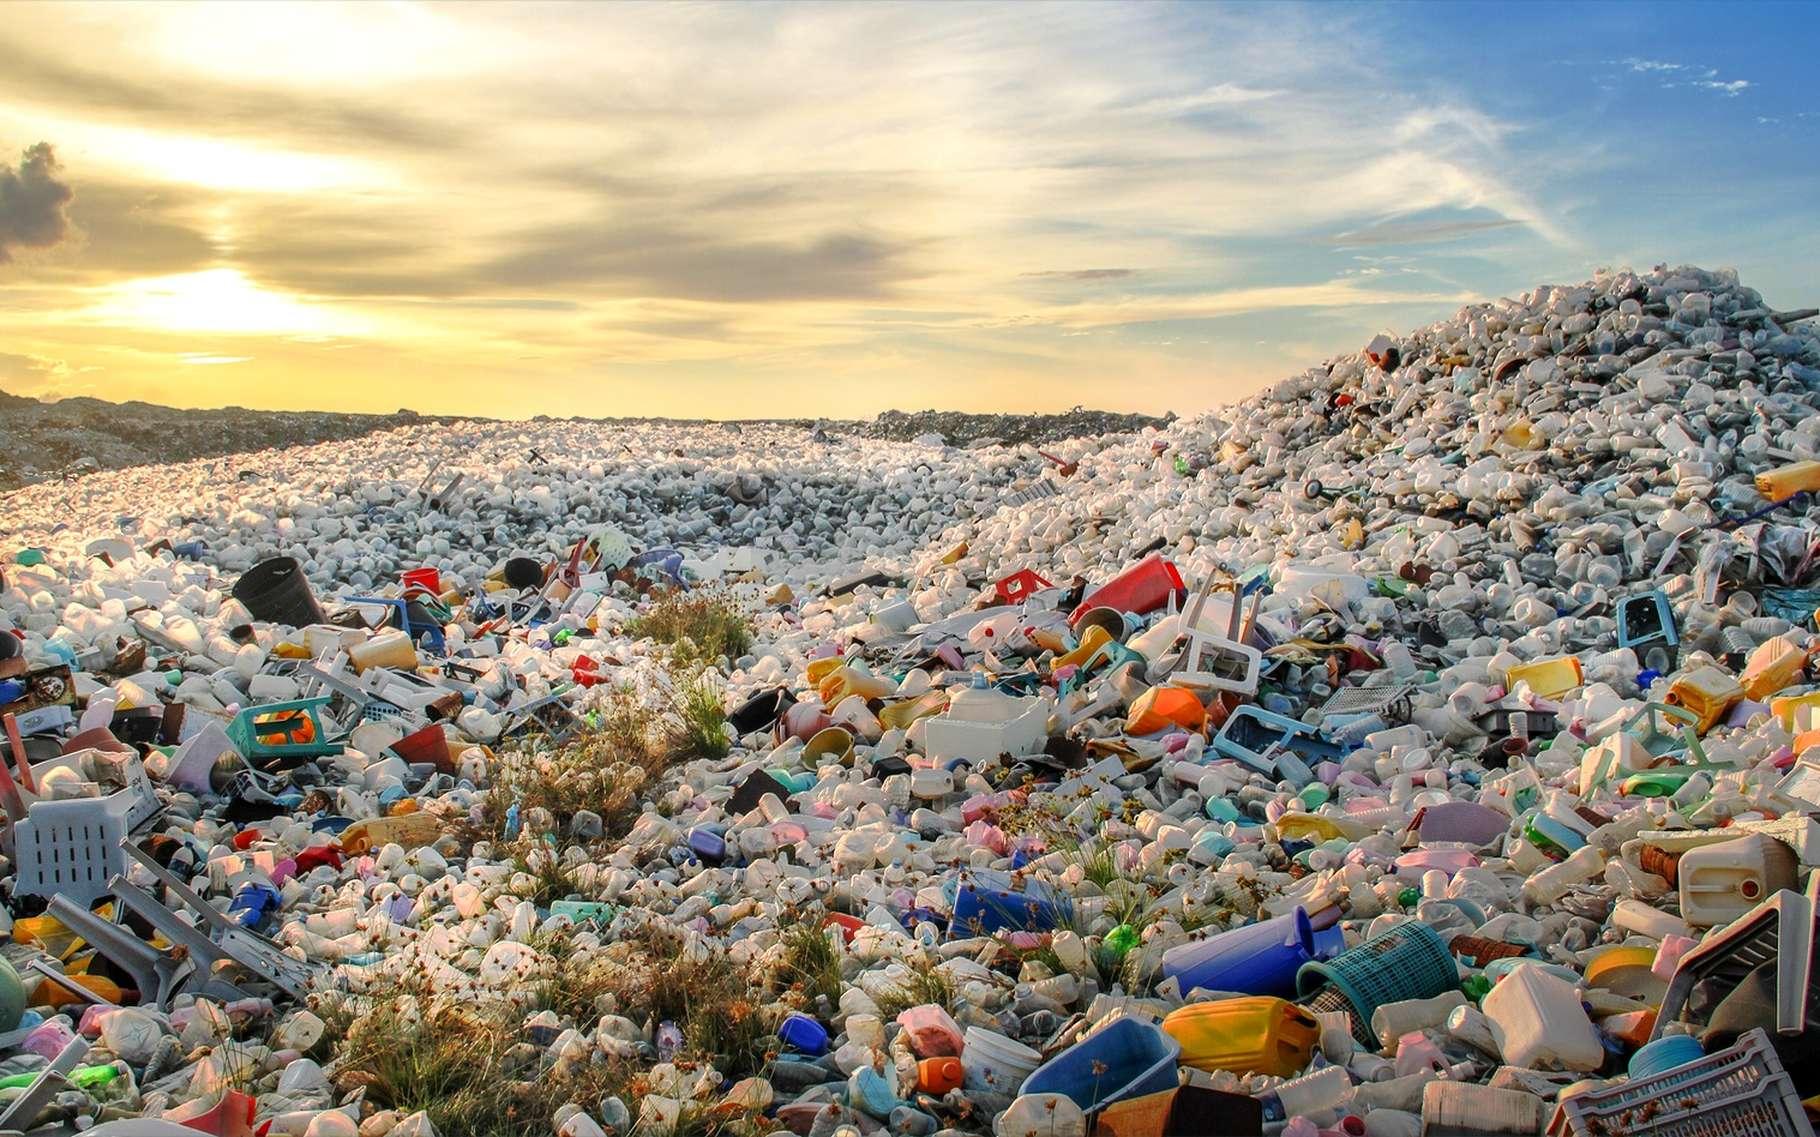 Des montagnes de déchets s'amoncellent dans le monde. Il y a urgence. © Mohamed Abdulraheem, Shutterstock